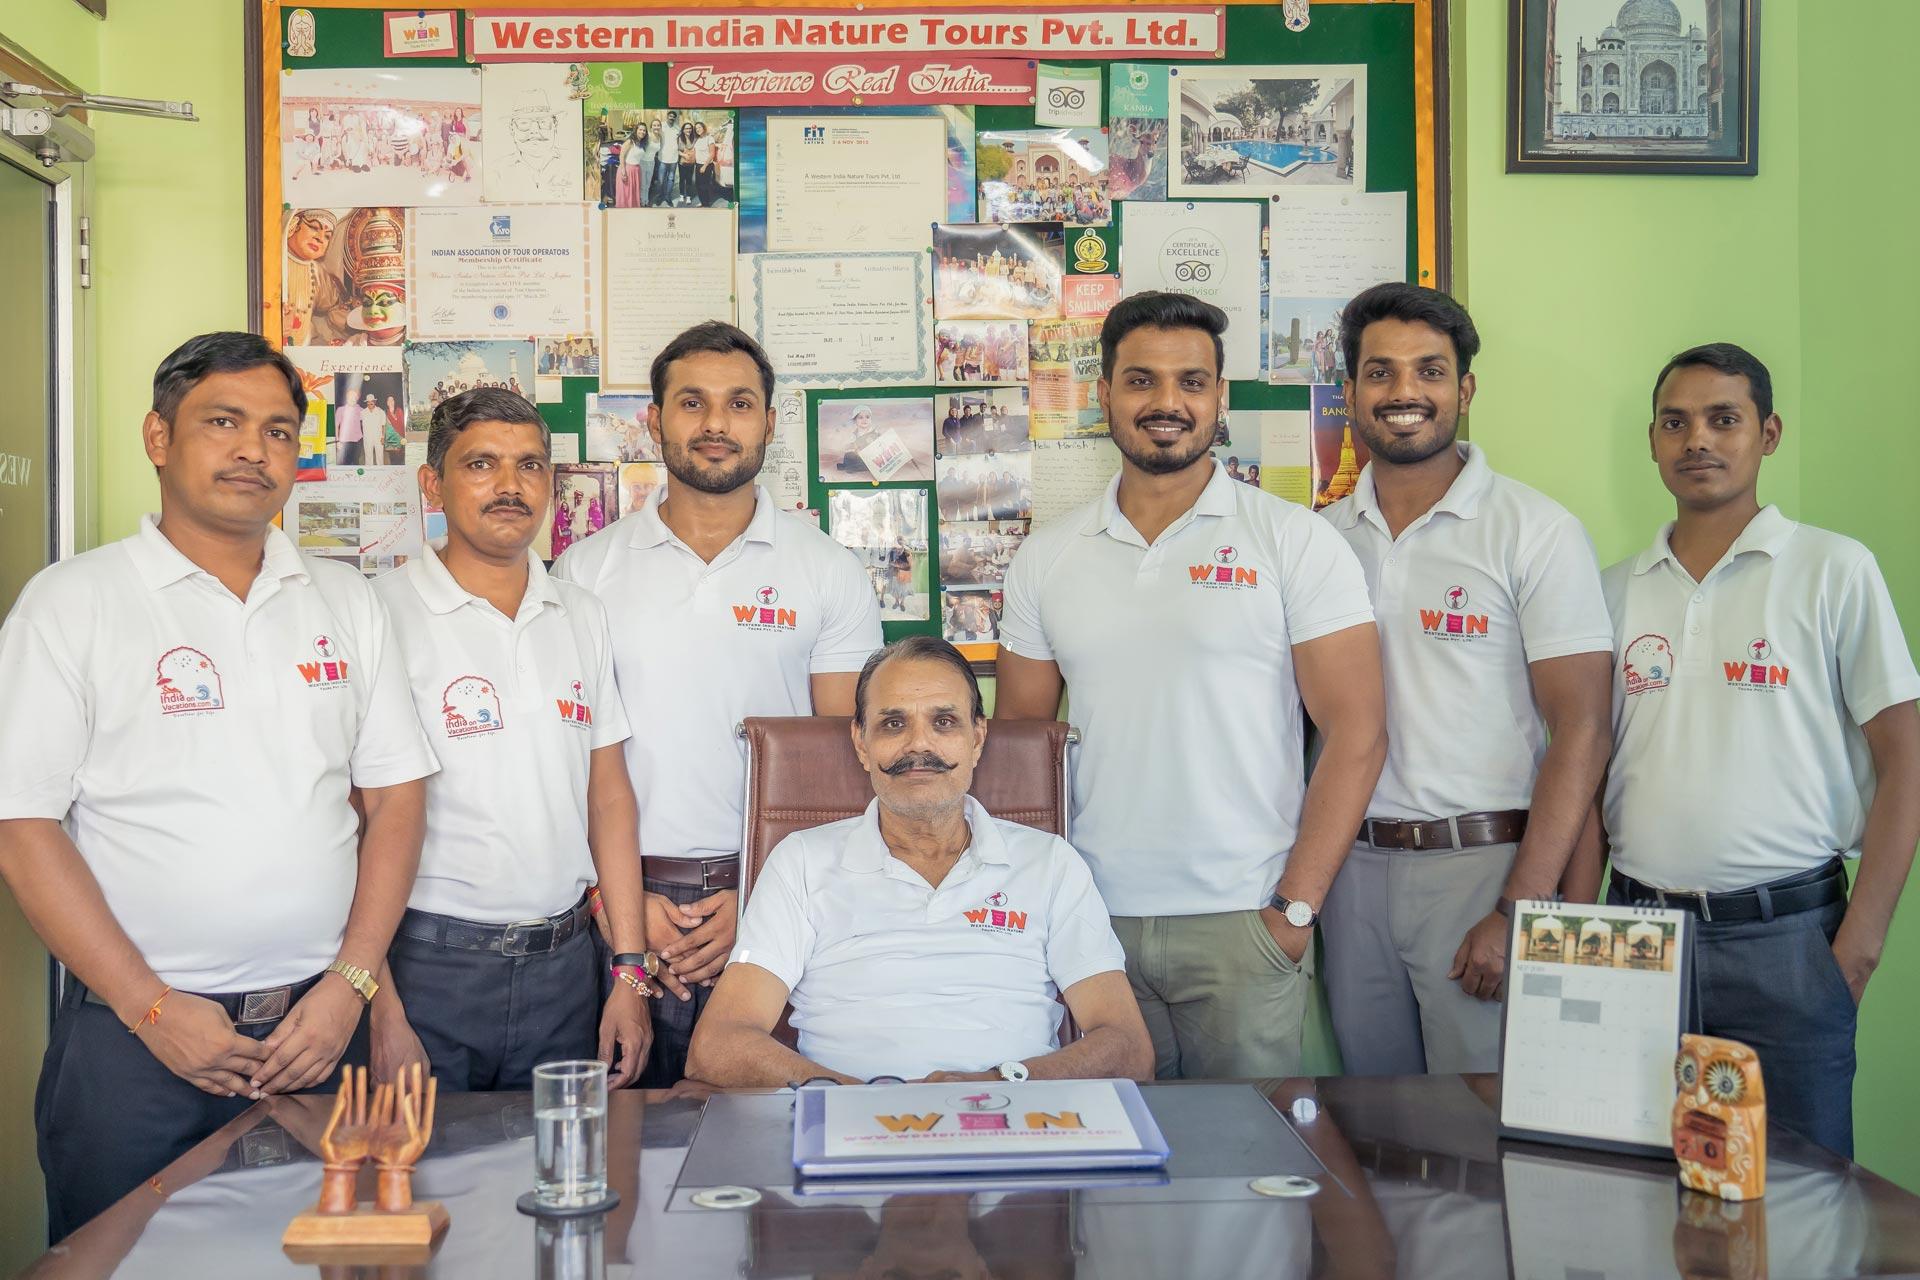 Nuestro equipo de WIN Tours India